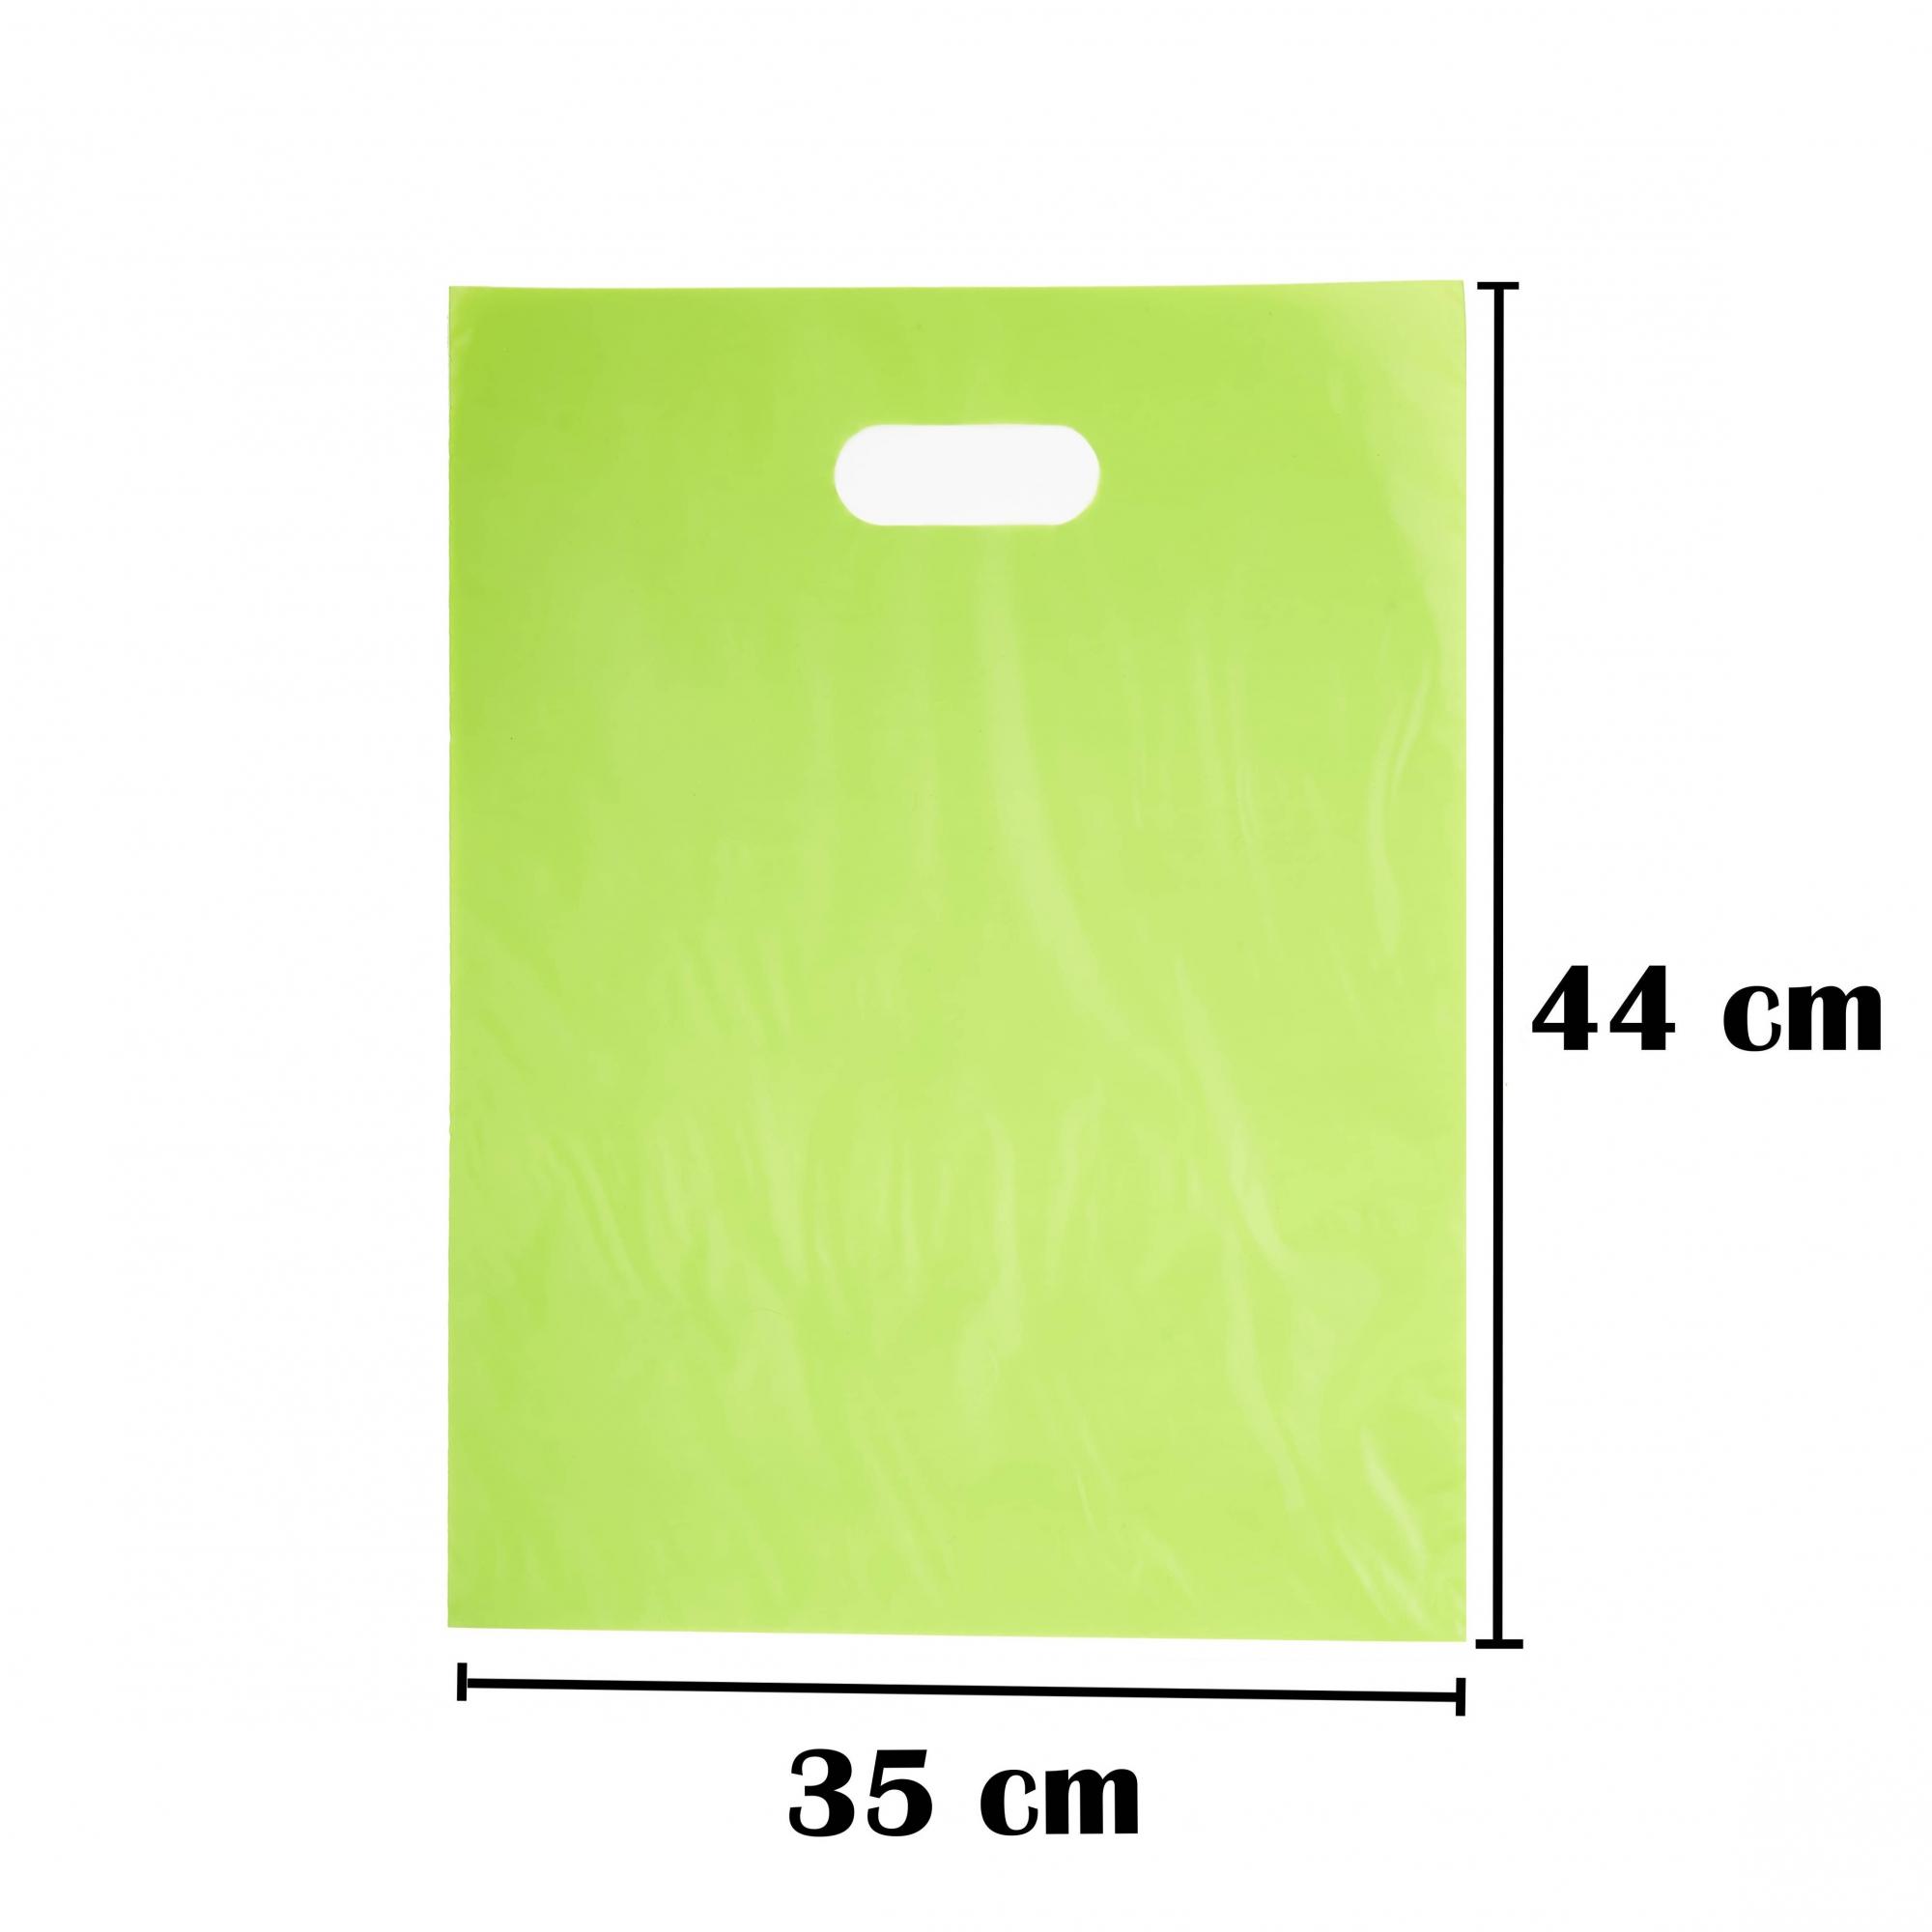 Sacola Plástica 35x44 Verde Alça Boca de Palhaço 100 Unidades